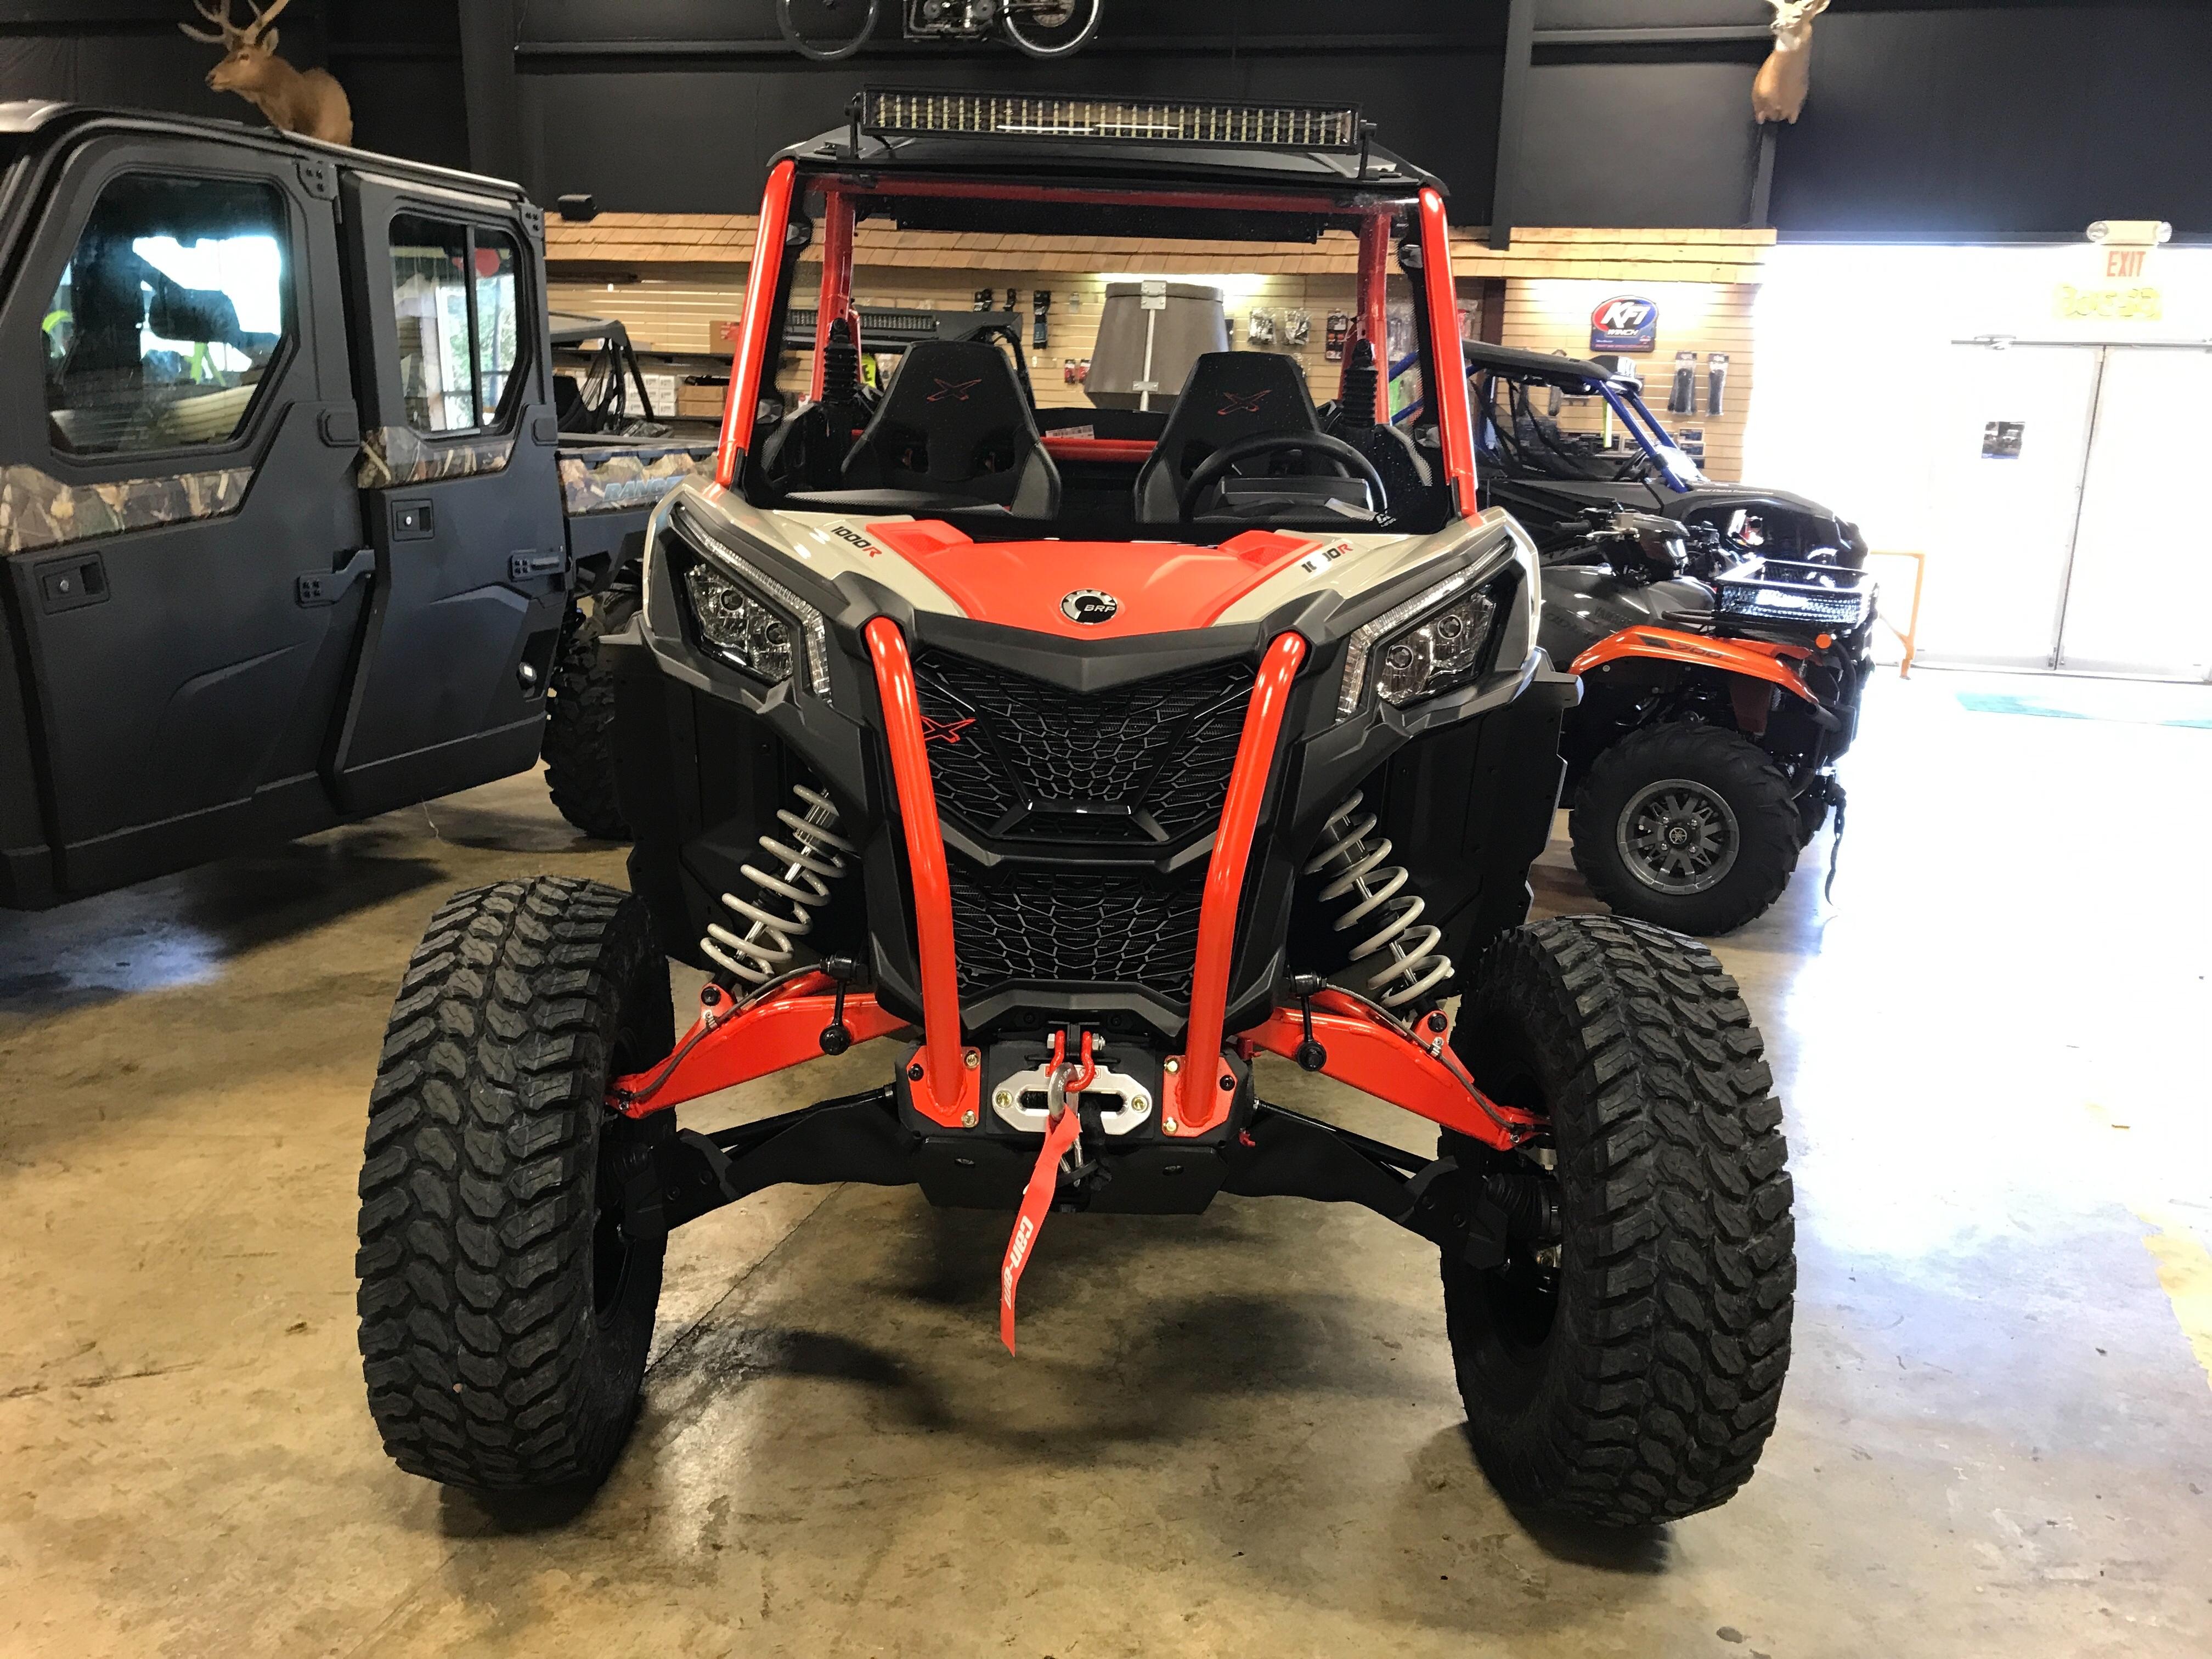 2021 CAN-AM 1000R SPORT XRC X rc 1000R at ATV Zone, LLC